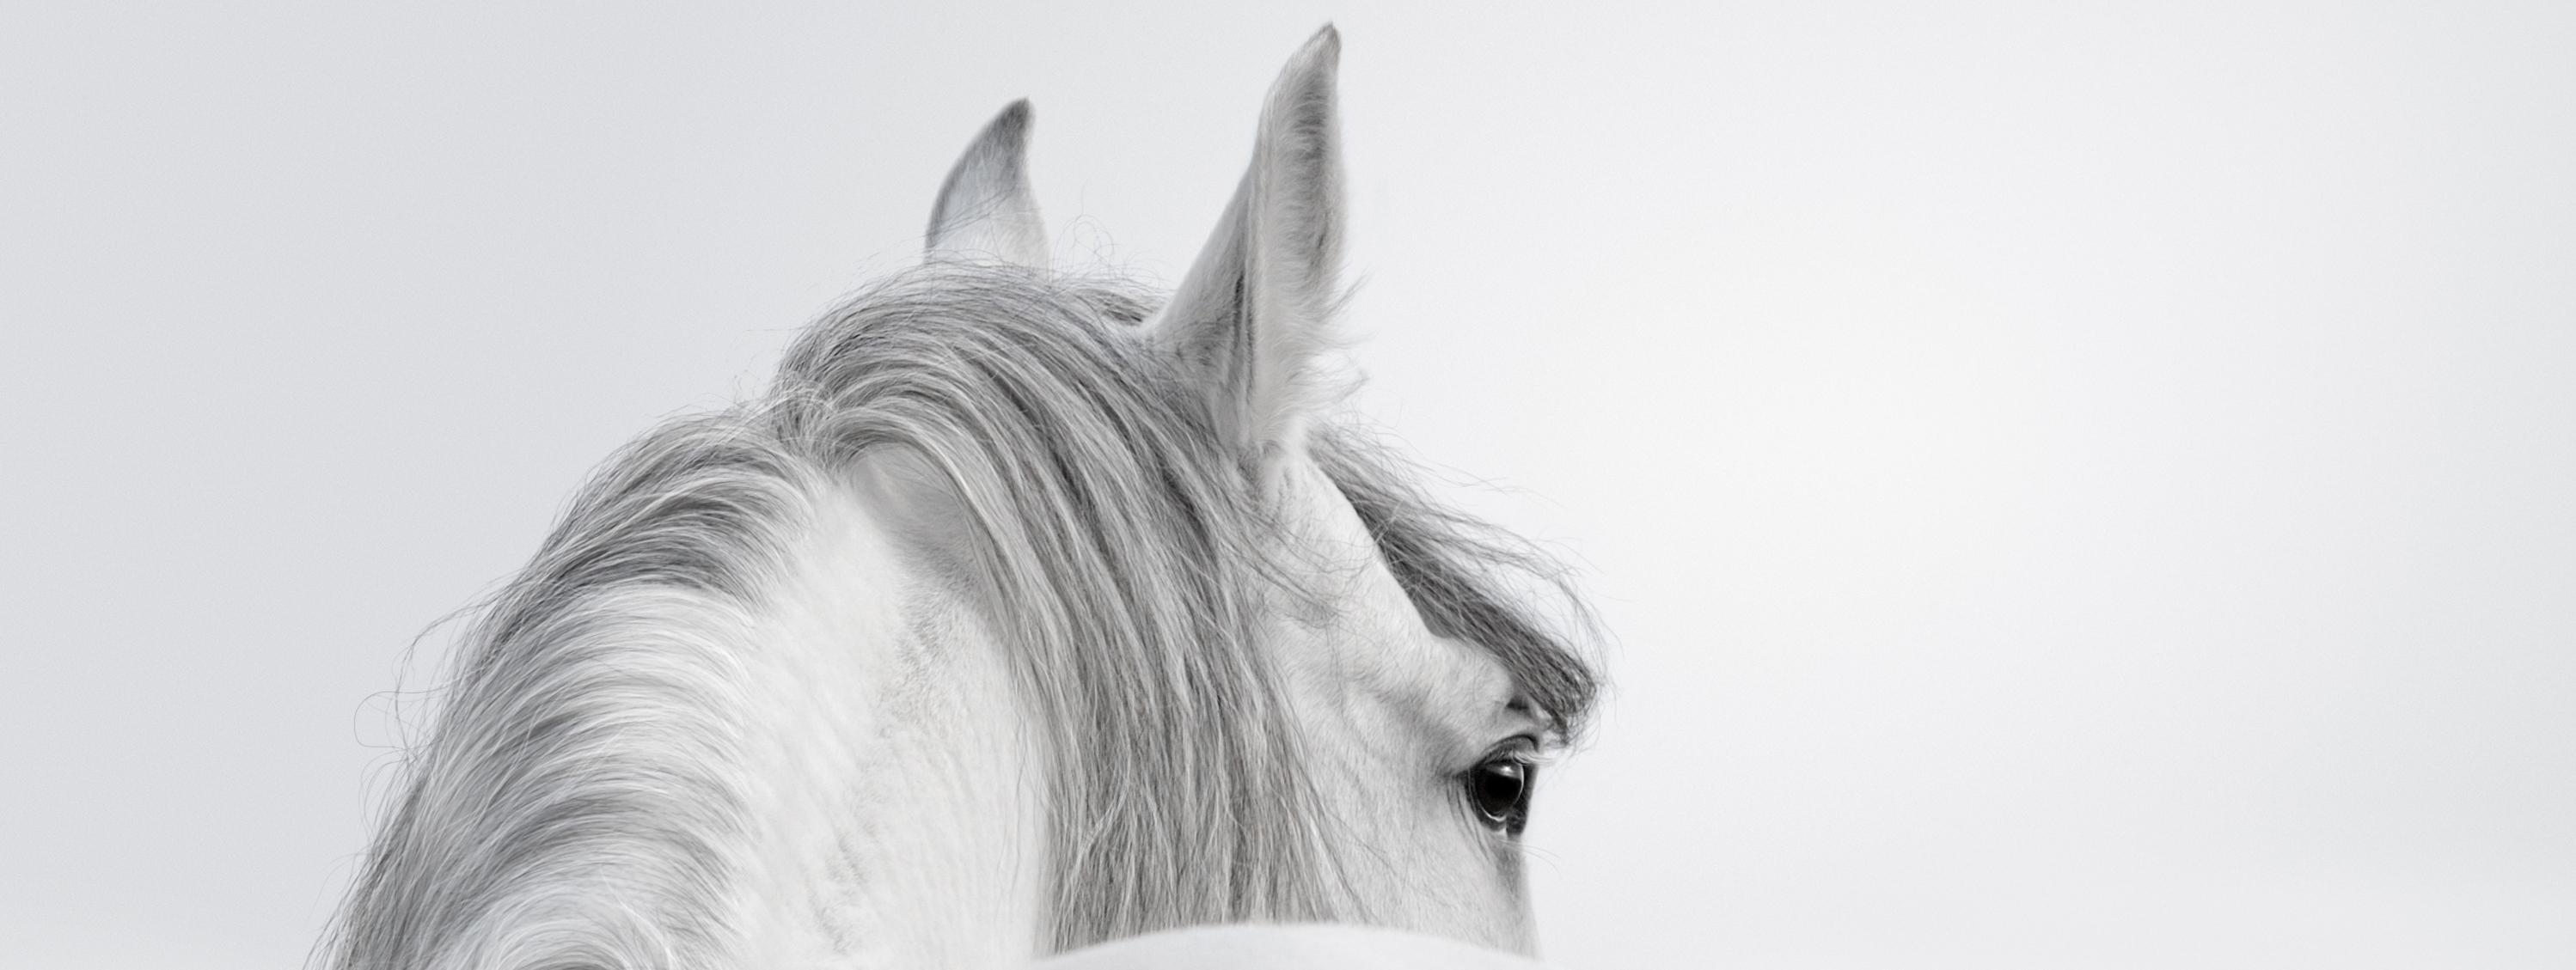 Ohrenpflege-beim-Pferd